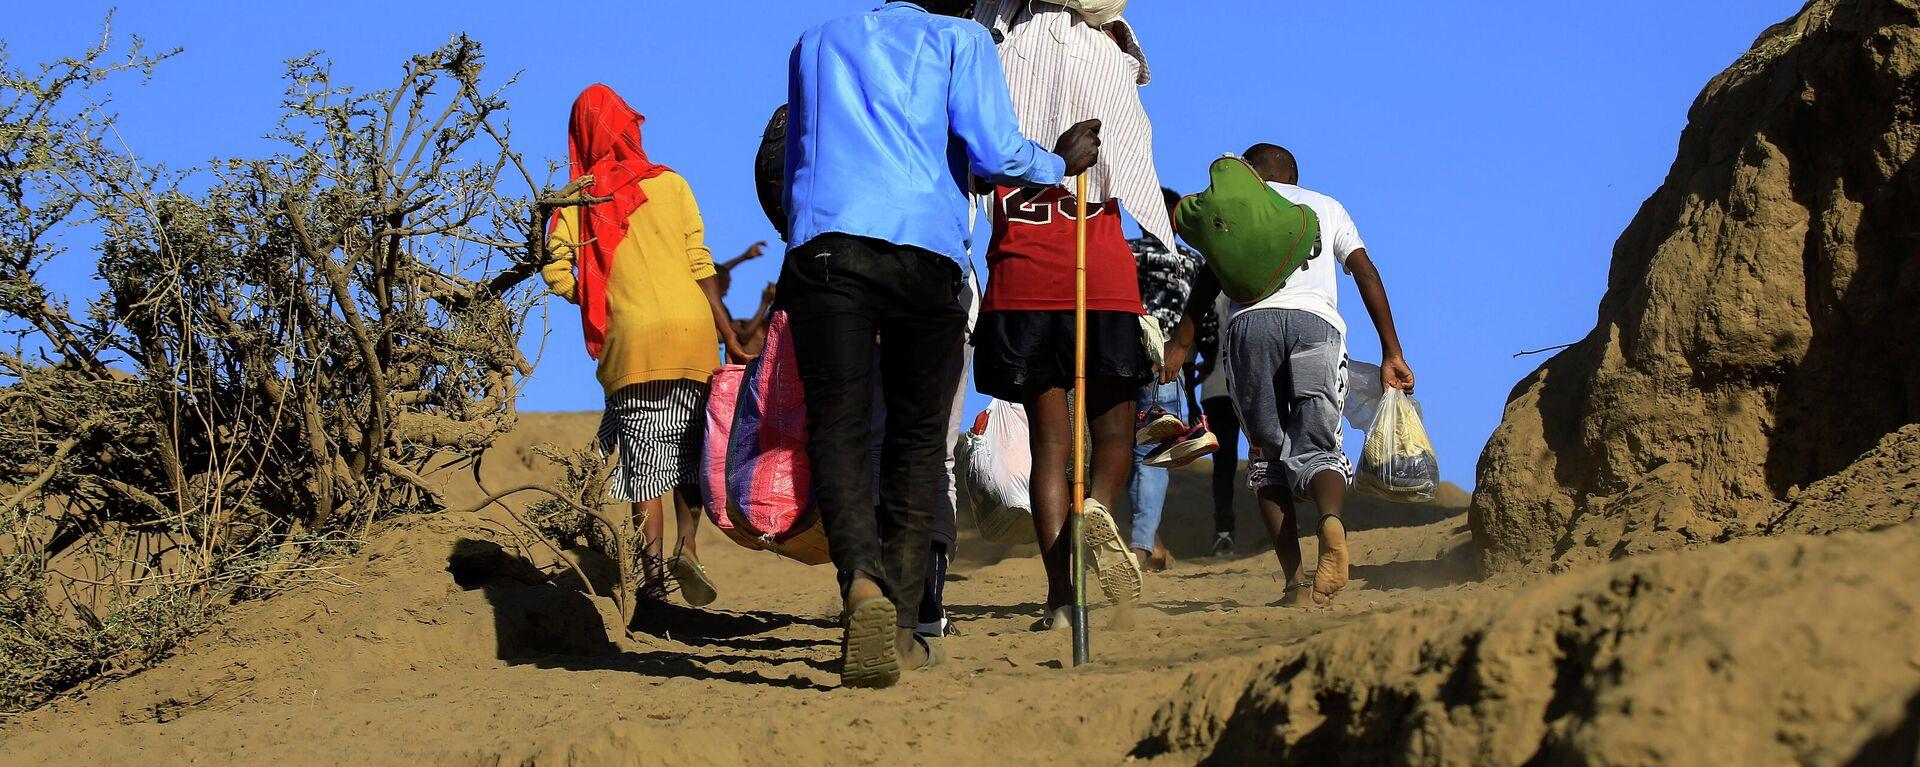 Äthiopier fliehen ins Nachbarland Sudan - SNA, 1920, 25.12.2020